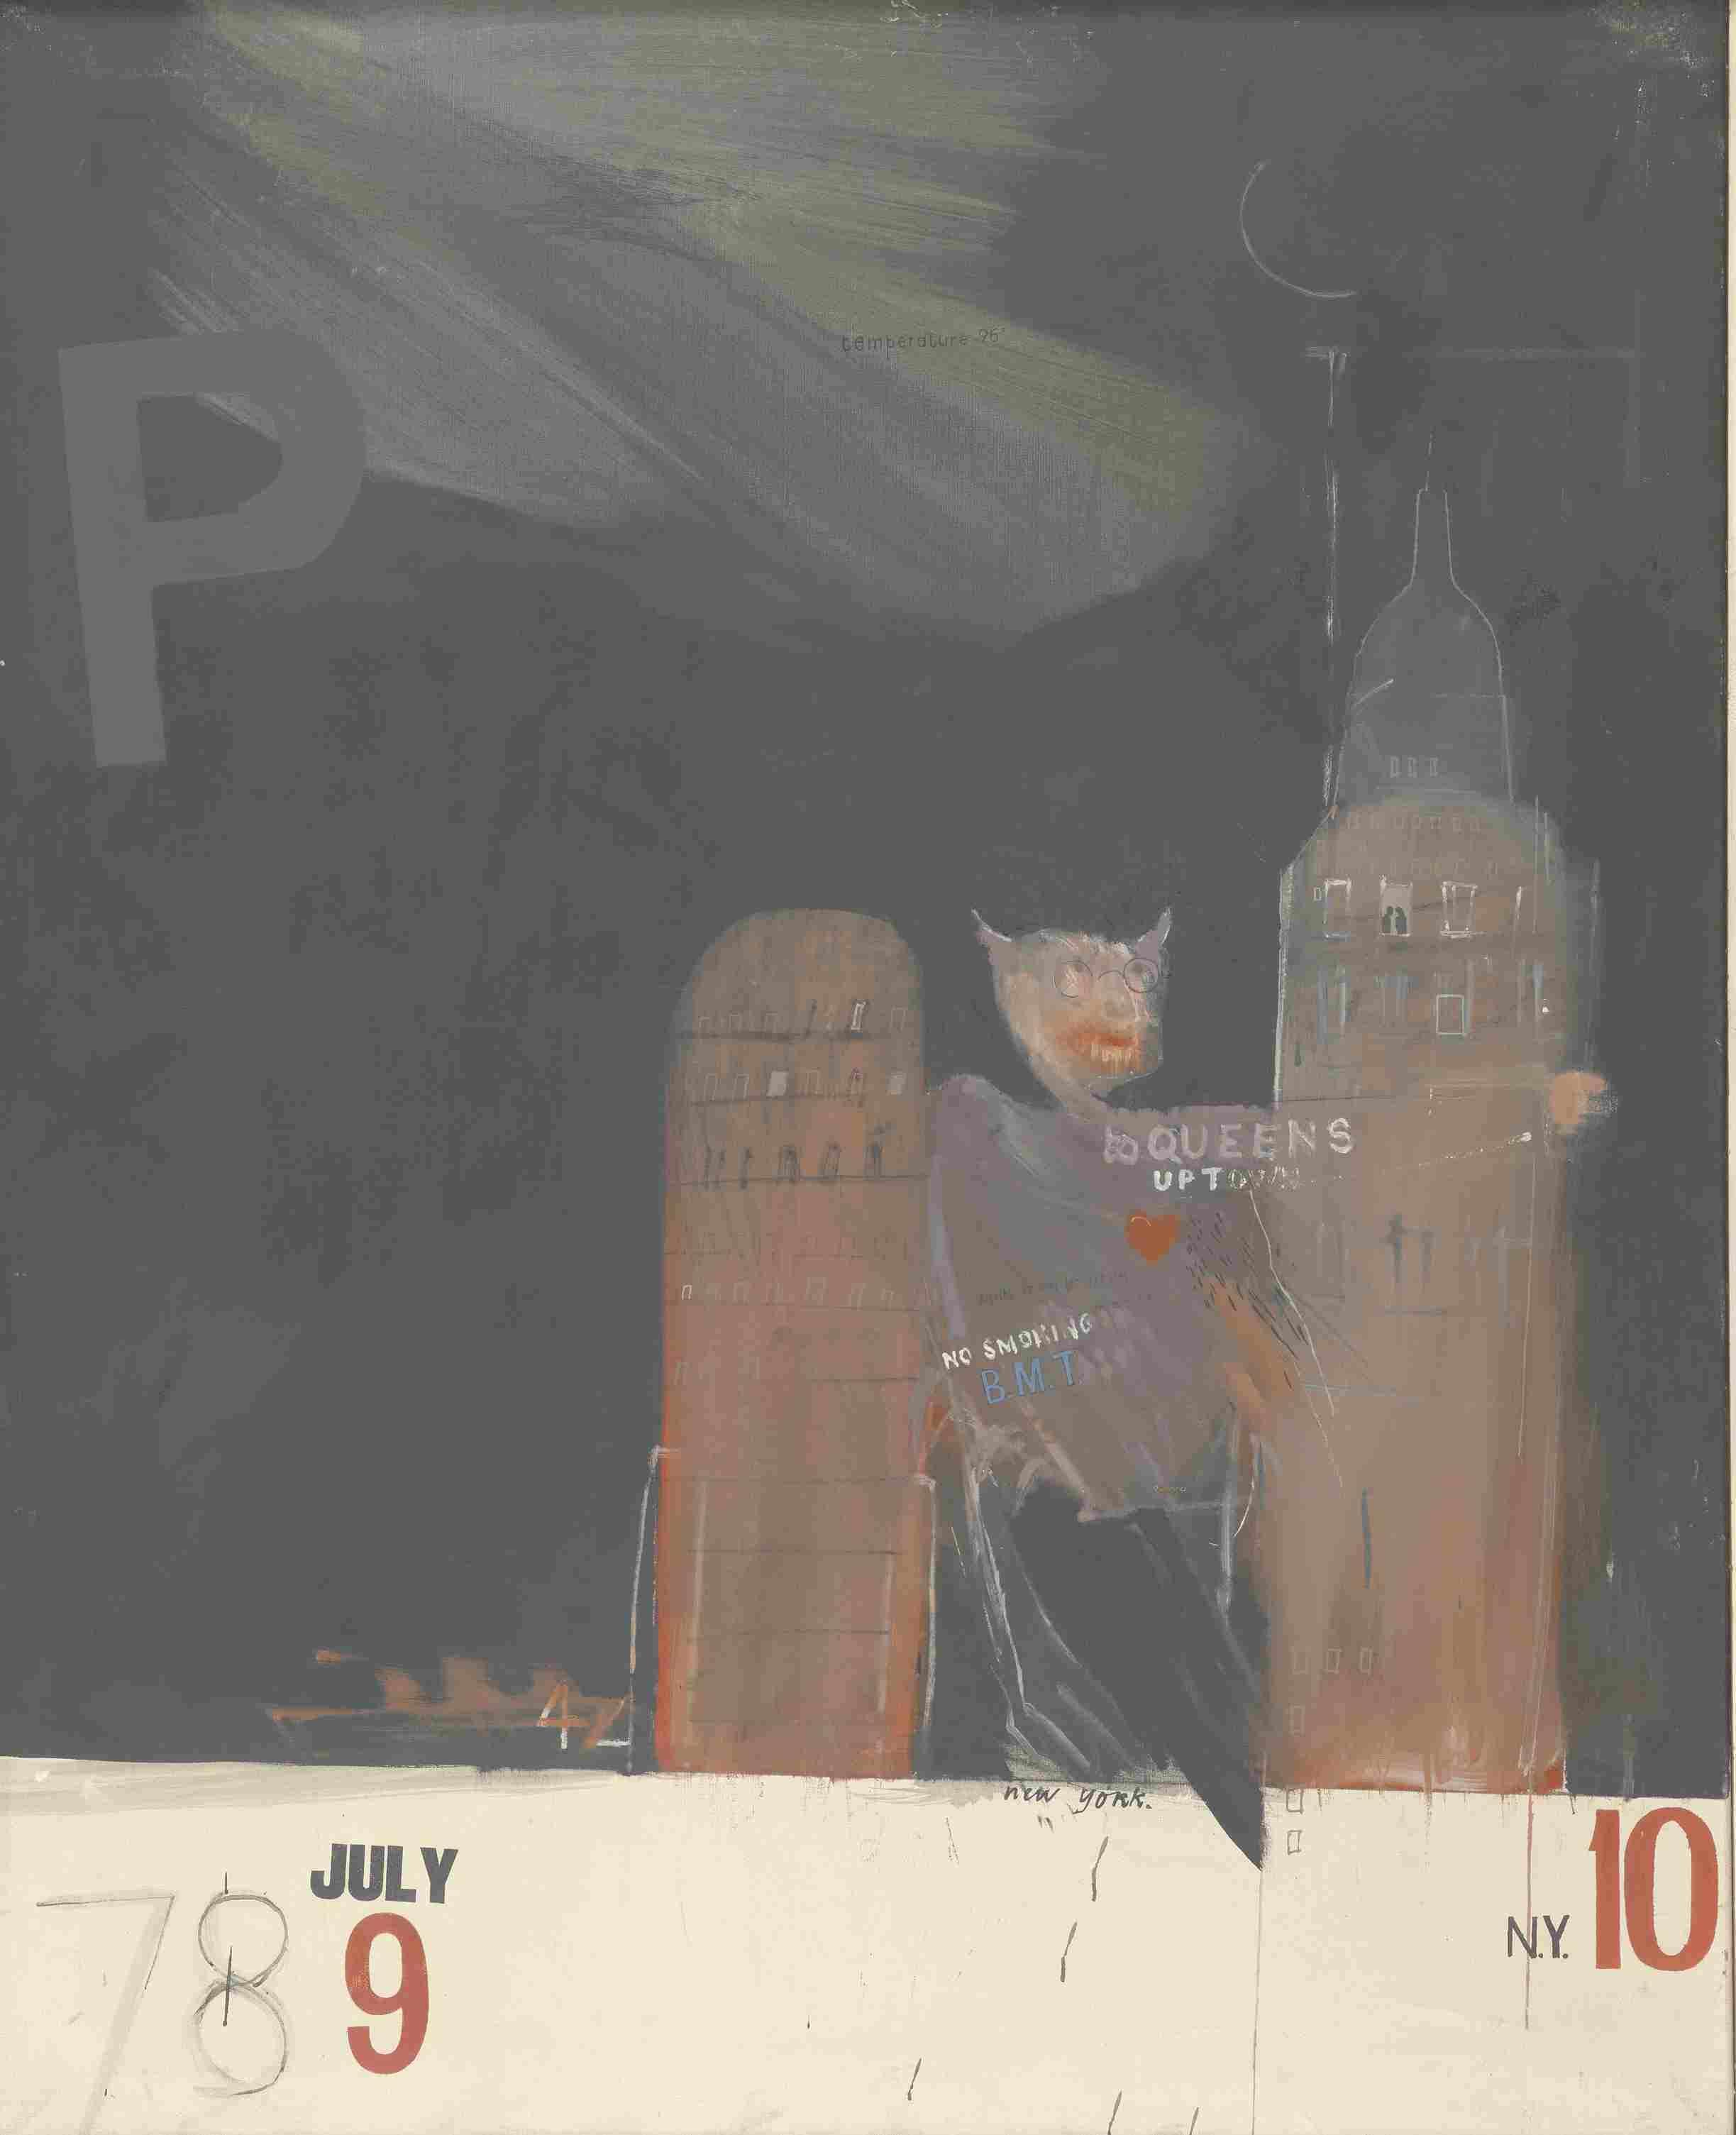 «En 1961, David Hockney effectue son premier voyage aux Etats-Unis. Loin de la puritaine Angleterre qui condamne encore l'homosexualité comme un crime (ce qui sera le cas jusqu'en1967), il découvre une ville, une communauté gay qui exprime ses orientations sexuelles sans contrainte ni pudeur. Dans ce monde sans tabous, les gratte-ciel se muent en protubérances phalliques, le quartier du Queens qu'il découvre sur les plans du métro new-yorkais devient la promesse sulfureuse d'un Hell-dorado, d'une Sodome sur Hudson.»